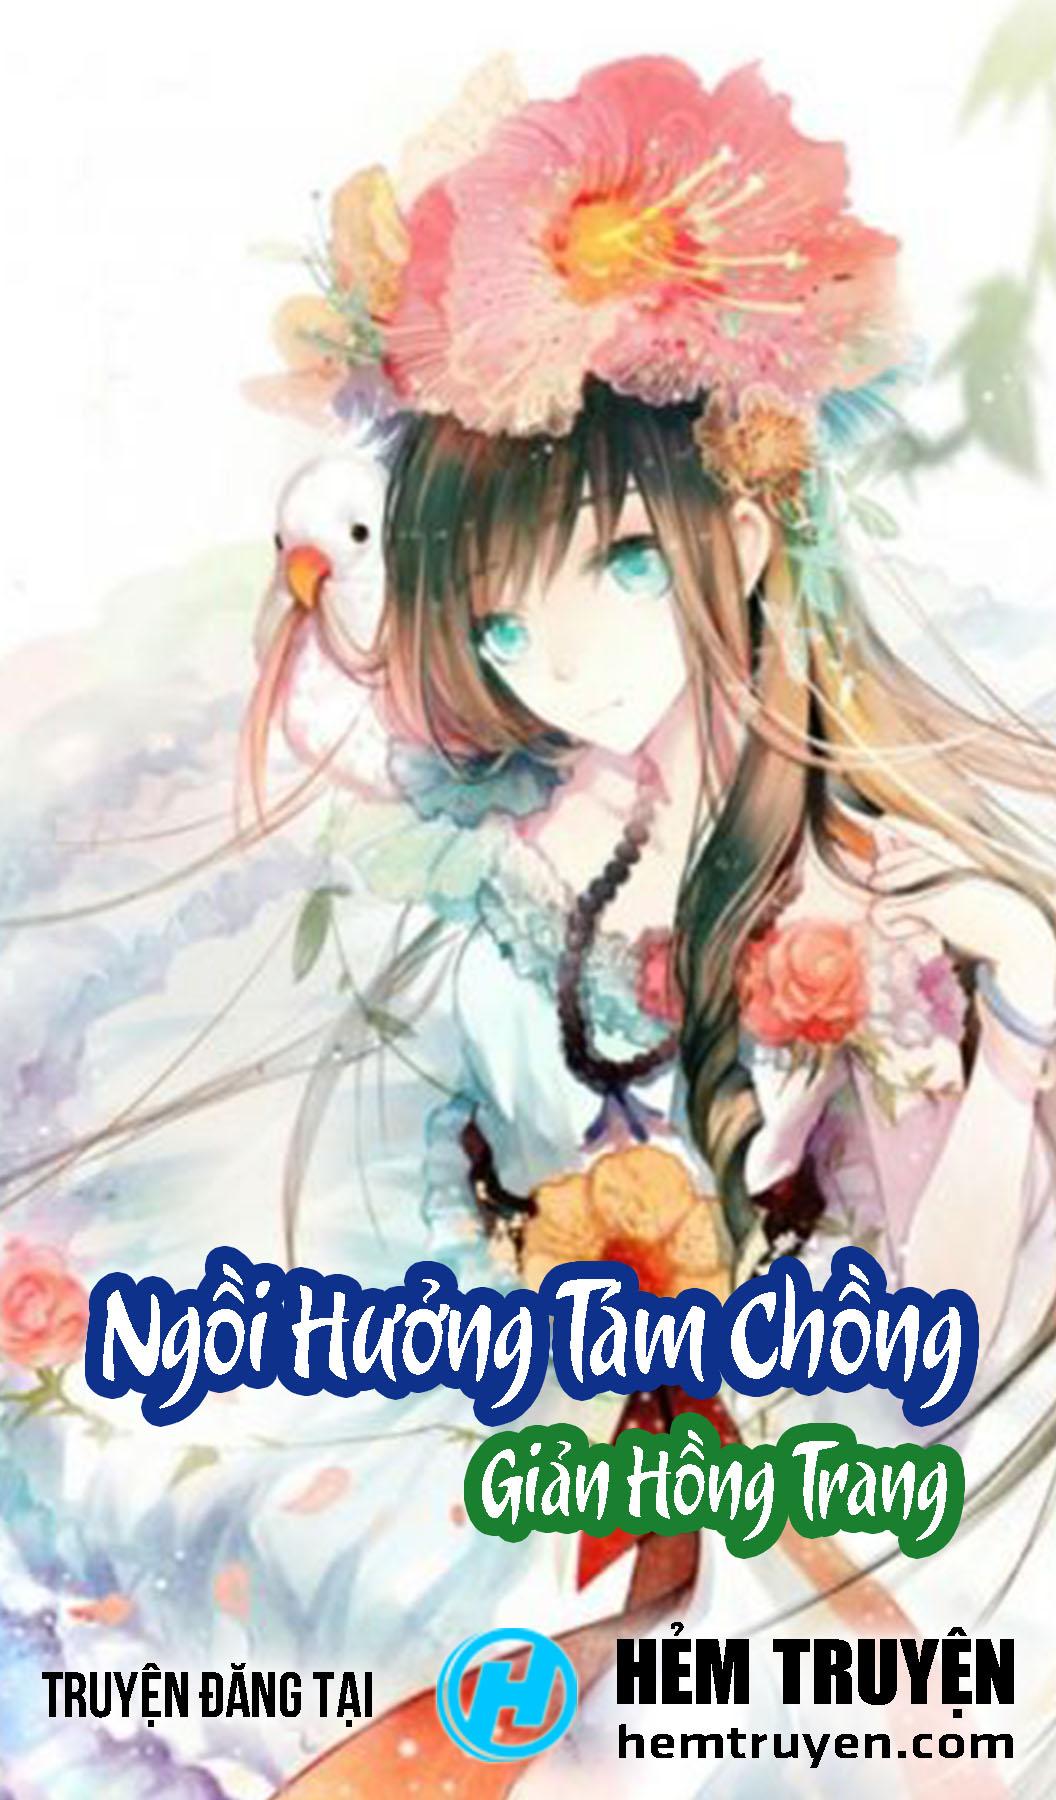 Đọc truyện Ngồi Hưởng Tám Chồng của Giản Hồng Trang trên HEMTRUYEN.COM